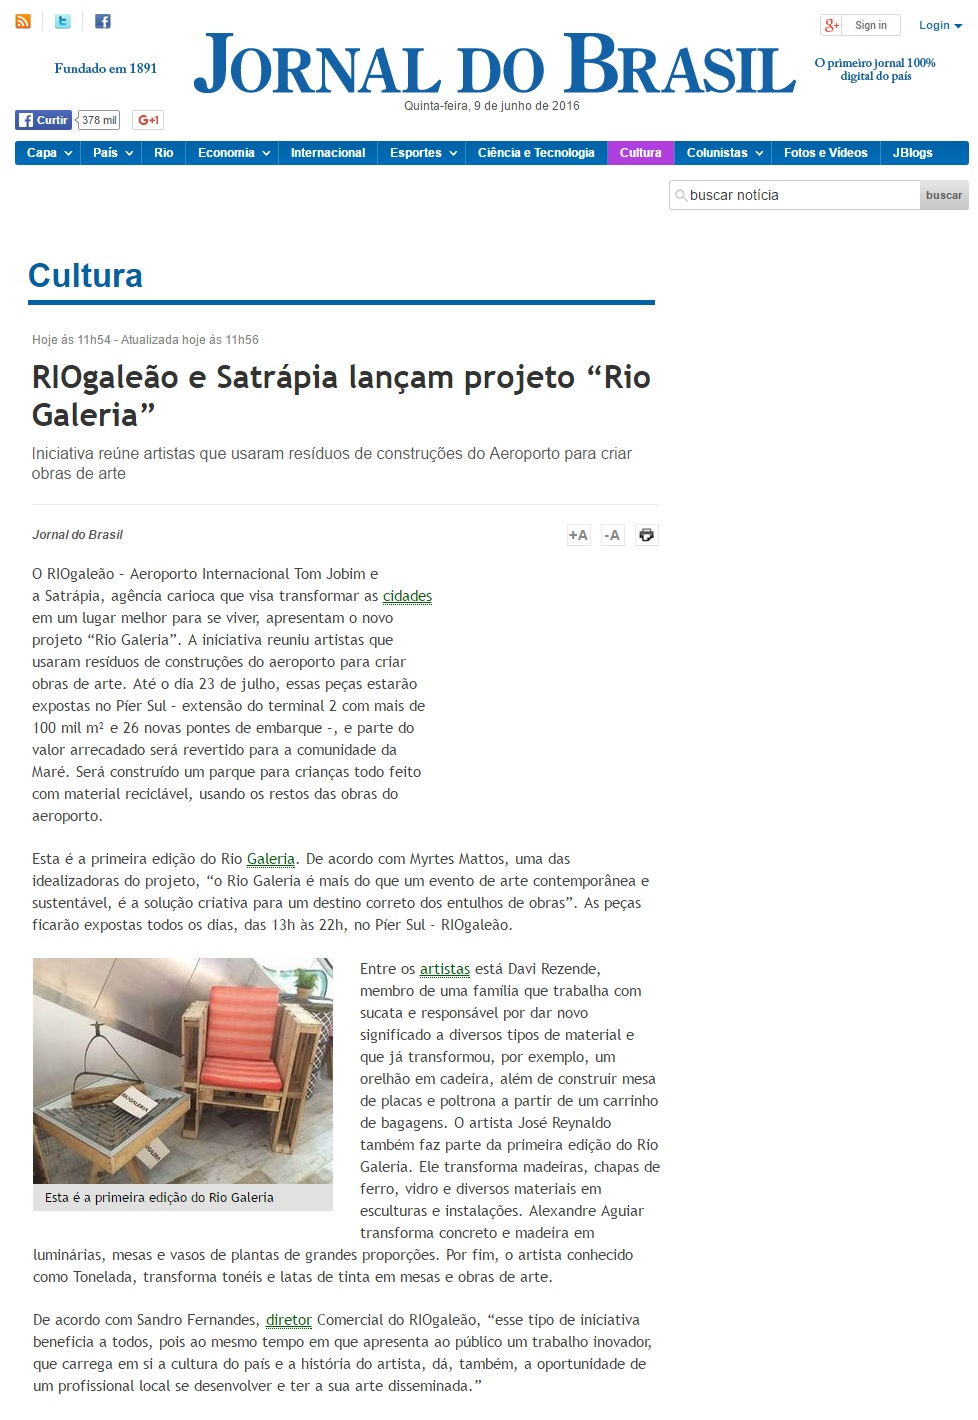 Satrápia_Jornal do Brasil_09.06